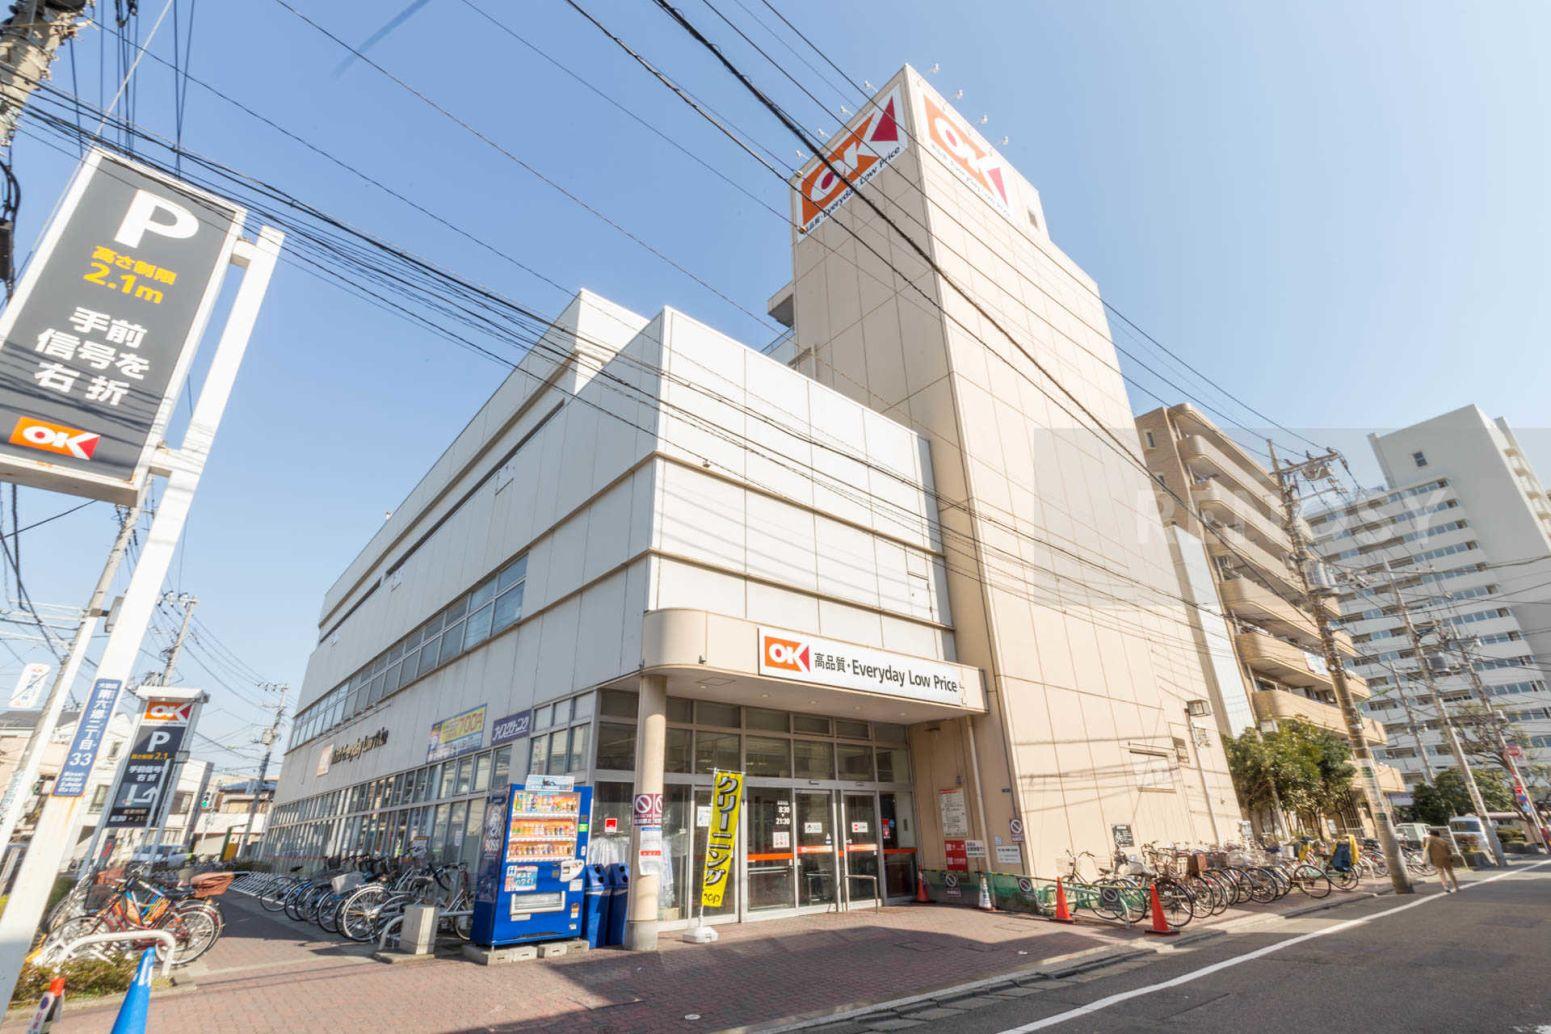 クレッセント多摩川緑地Duo